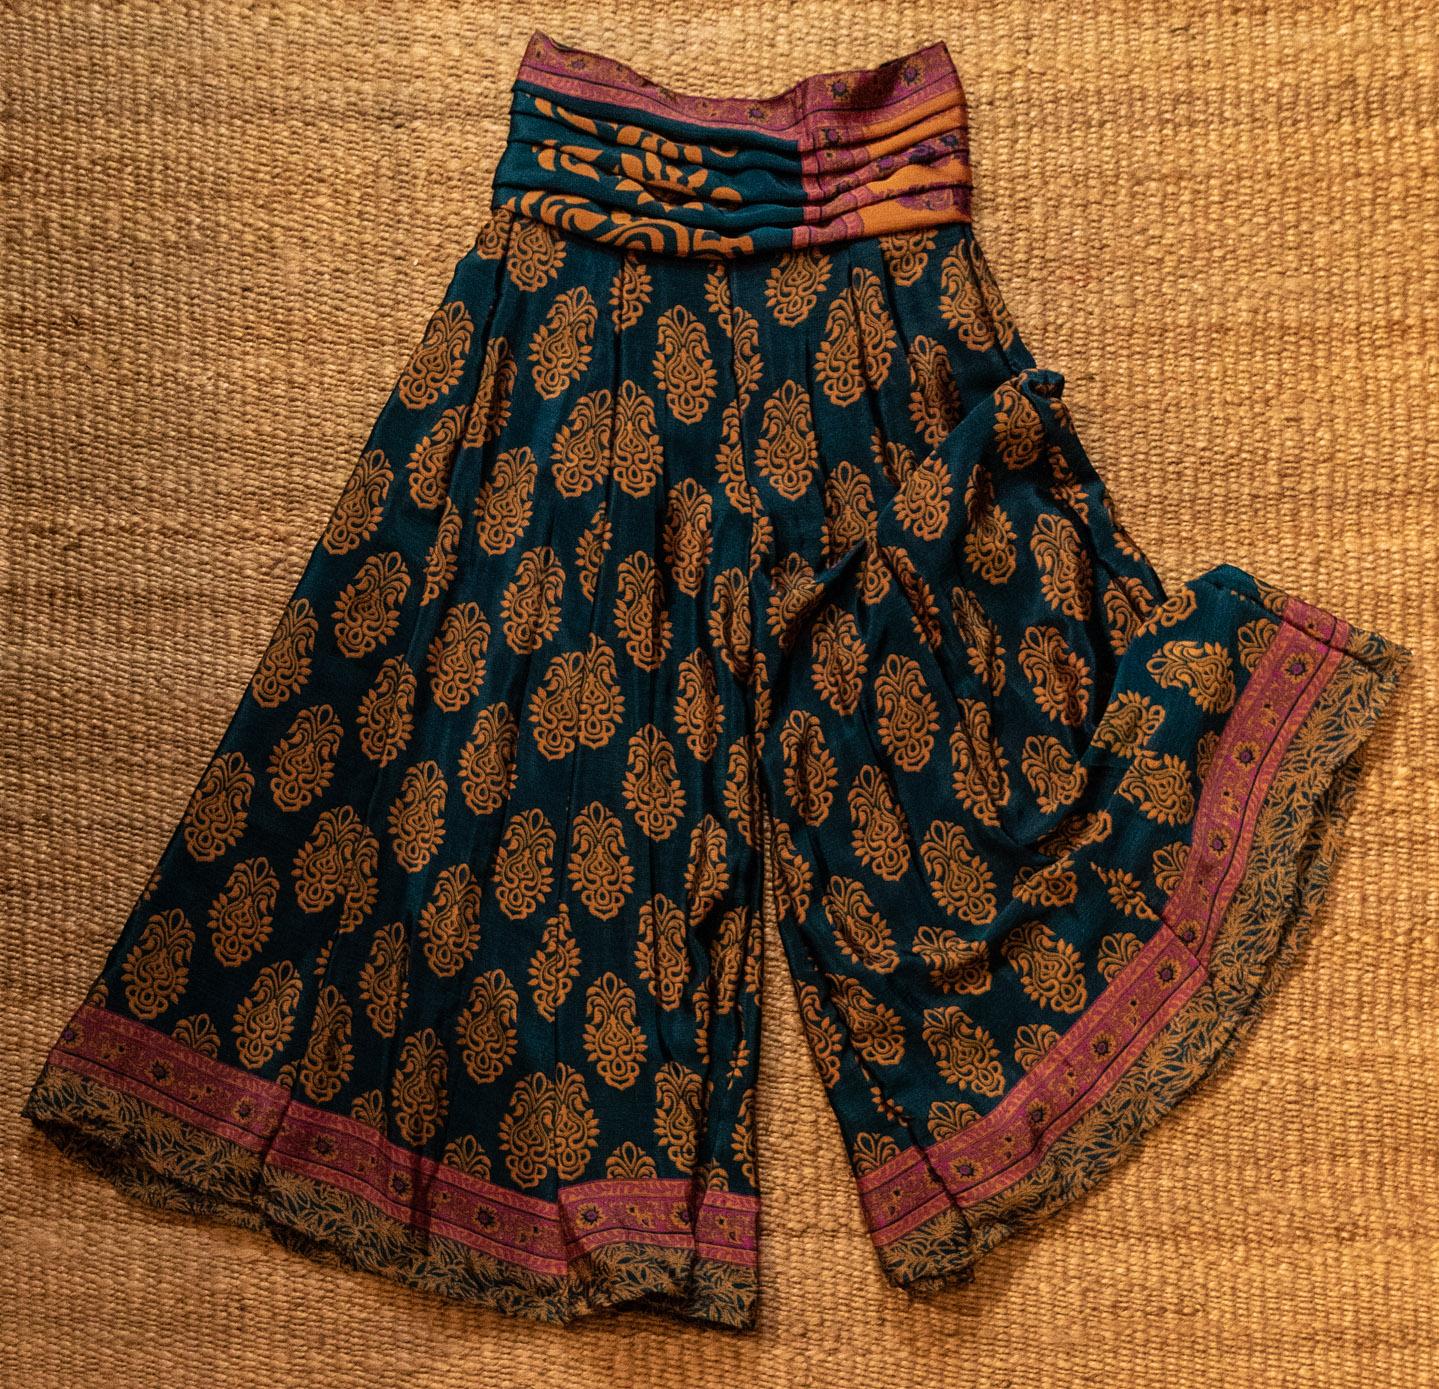 brand new 4e51d bda1d Vendita abiti indiani a San Marino, negozio d'abbigliamento ...